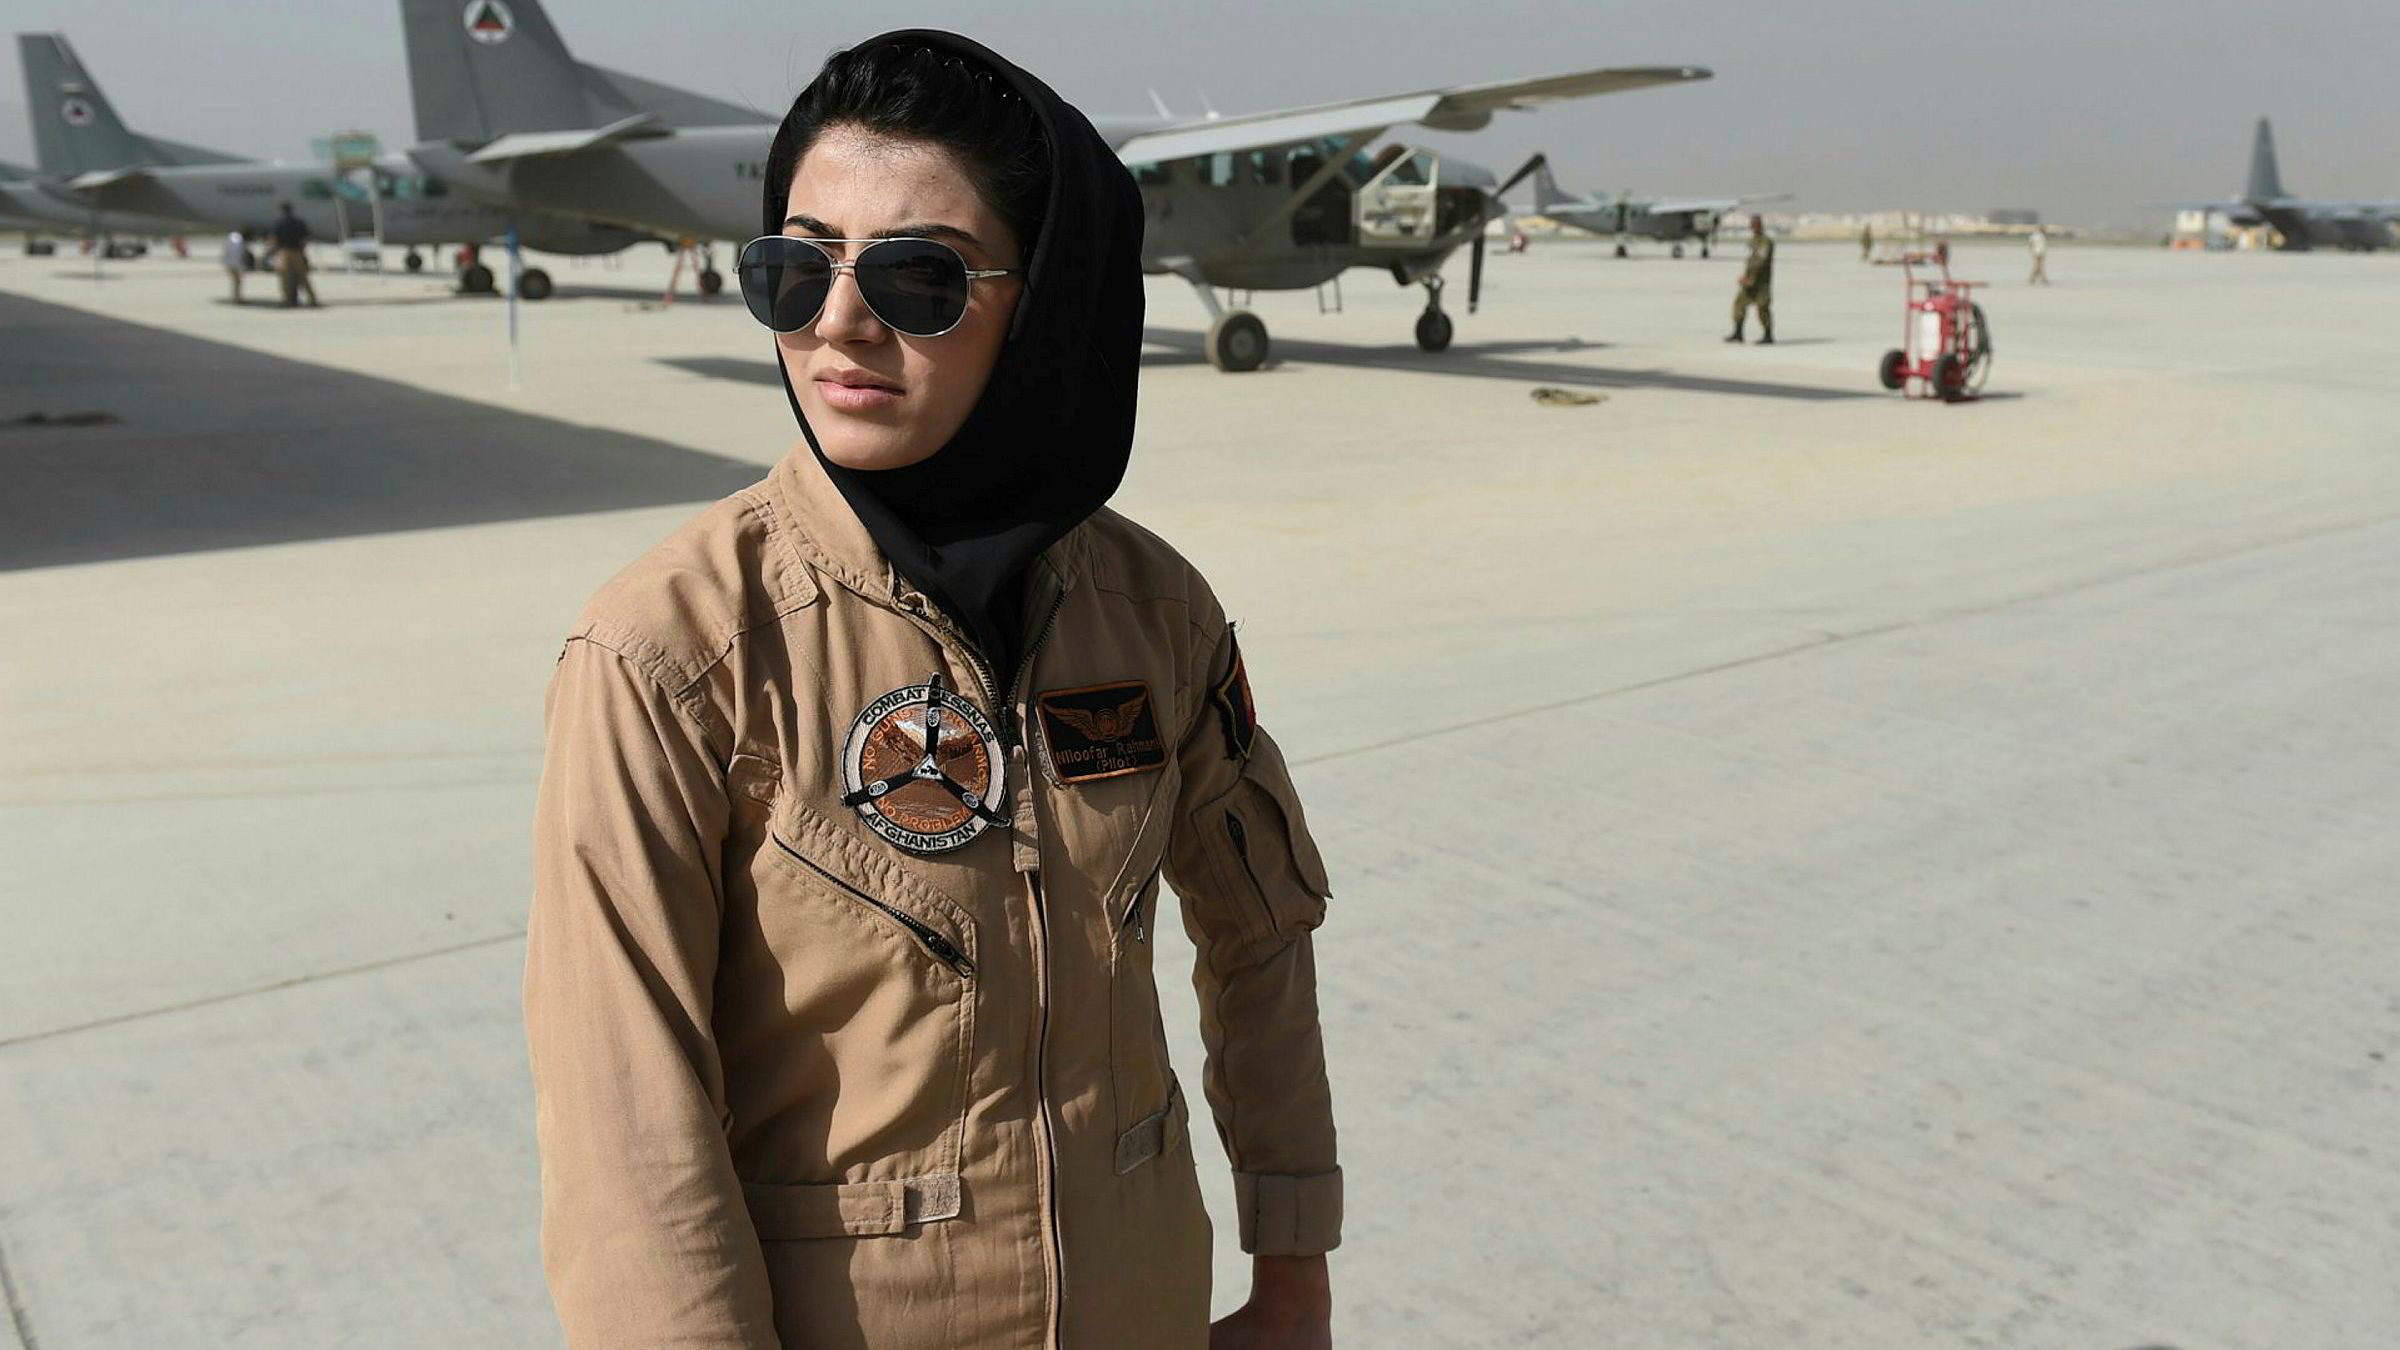 dating kvinnelige piloter Speed dating London Ontario fagfolk